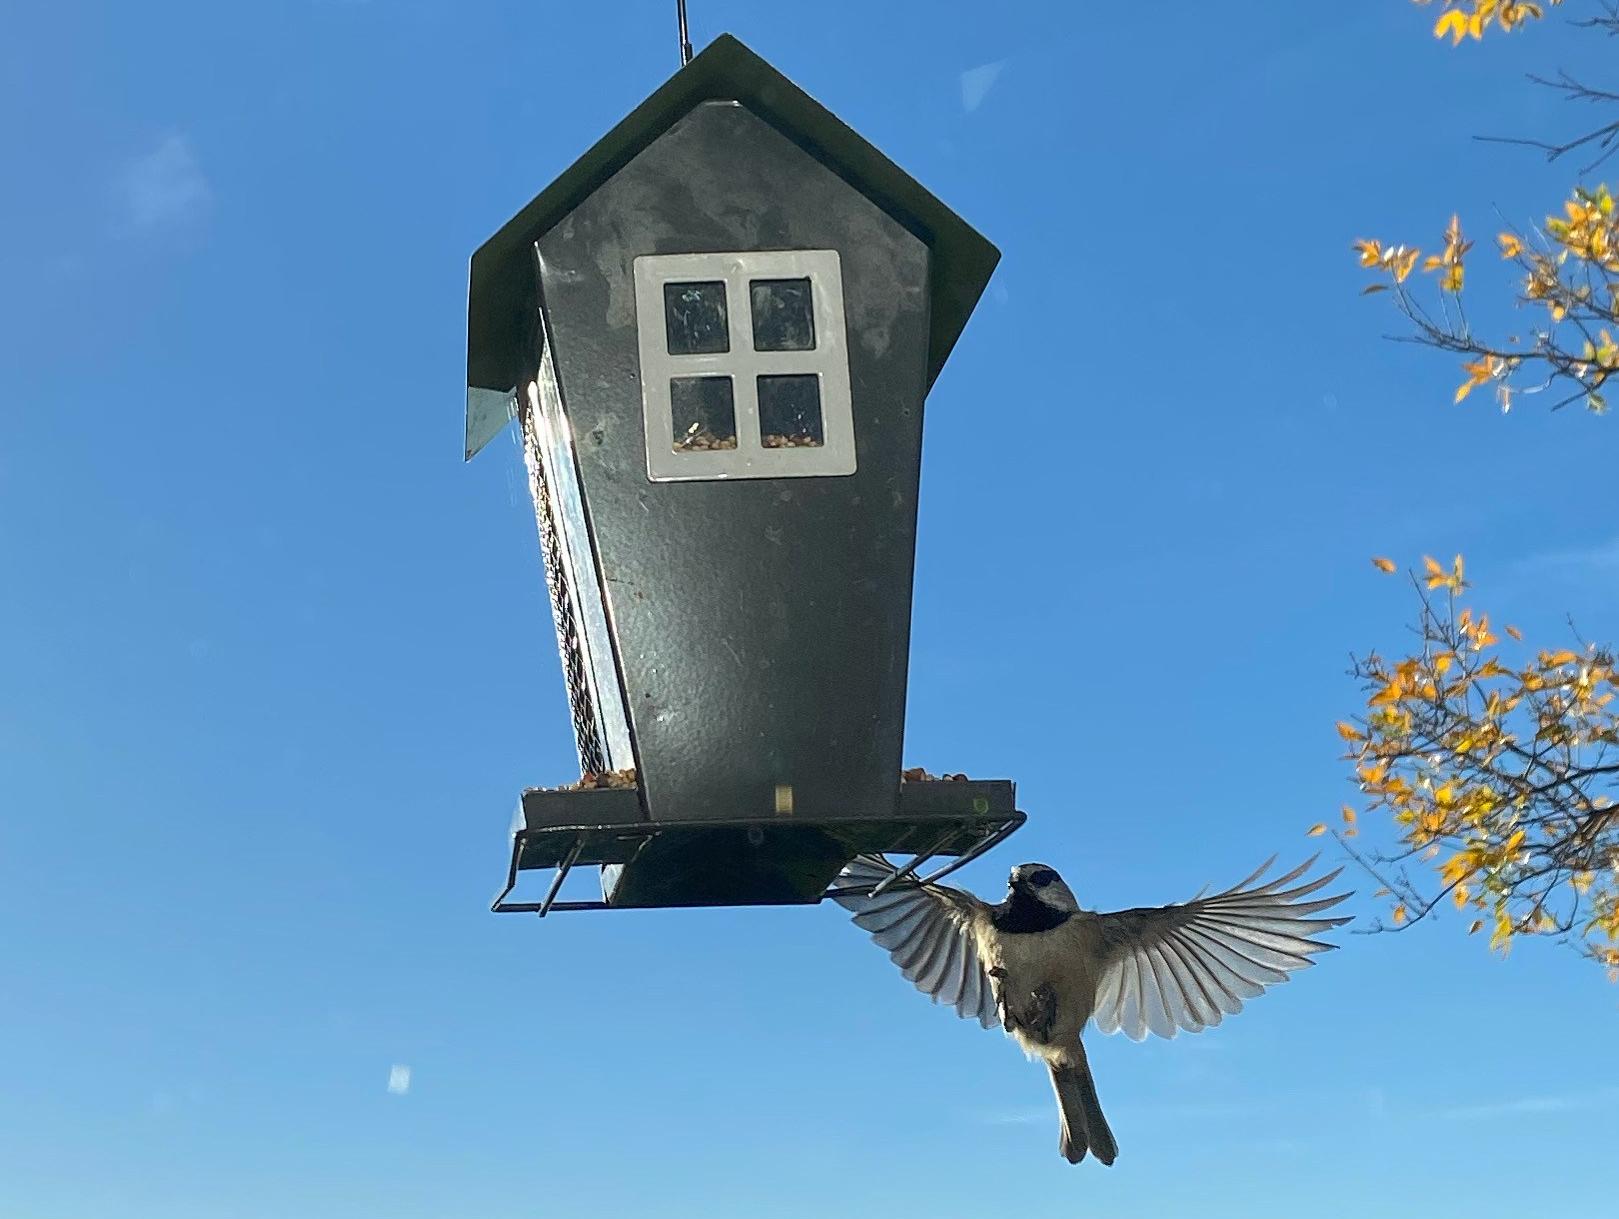 chickadee-landing-on-house-shaped-bird-feeder